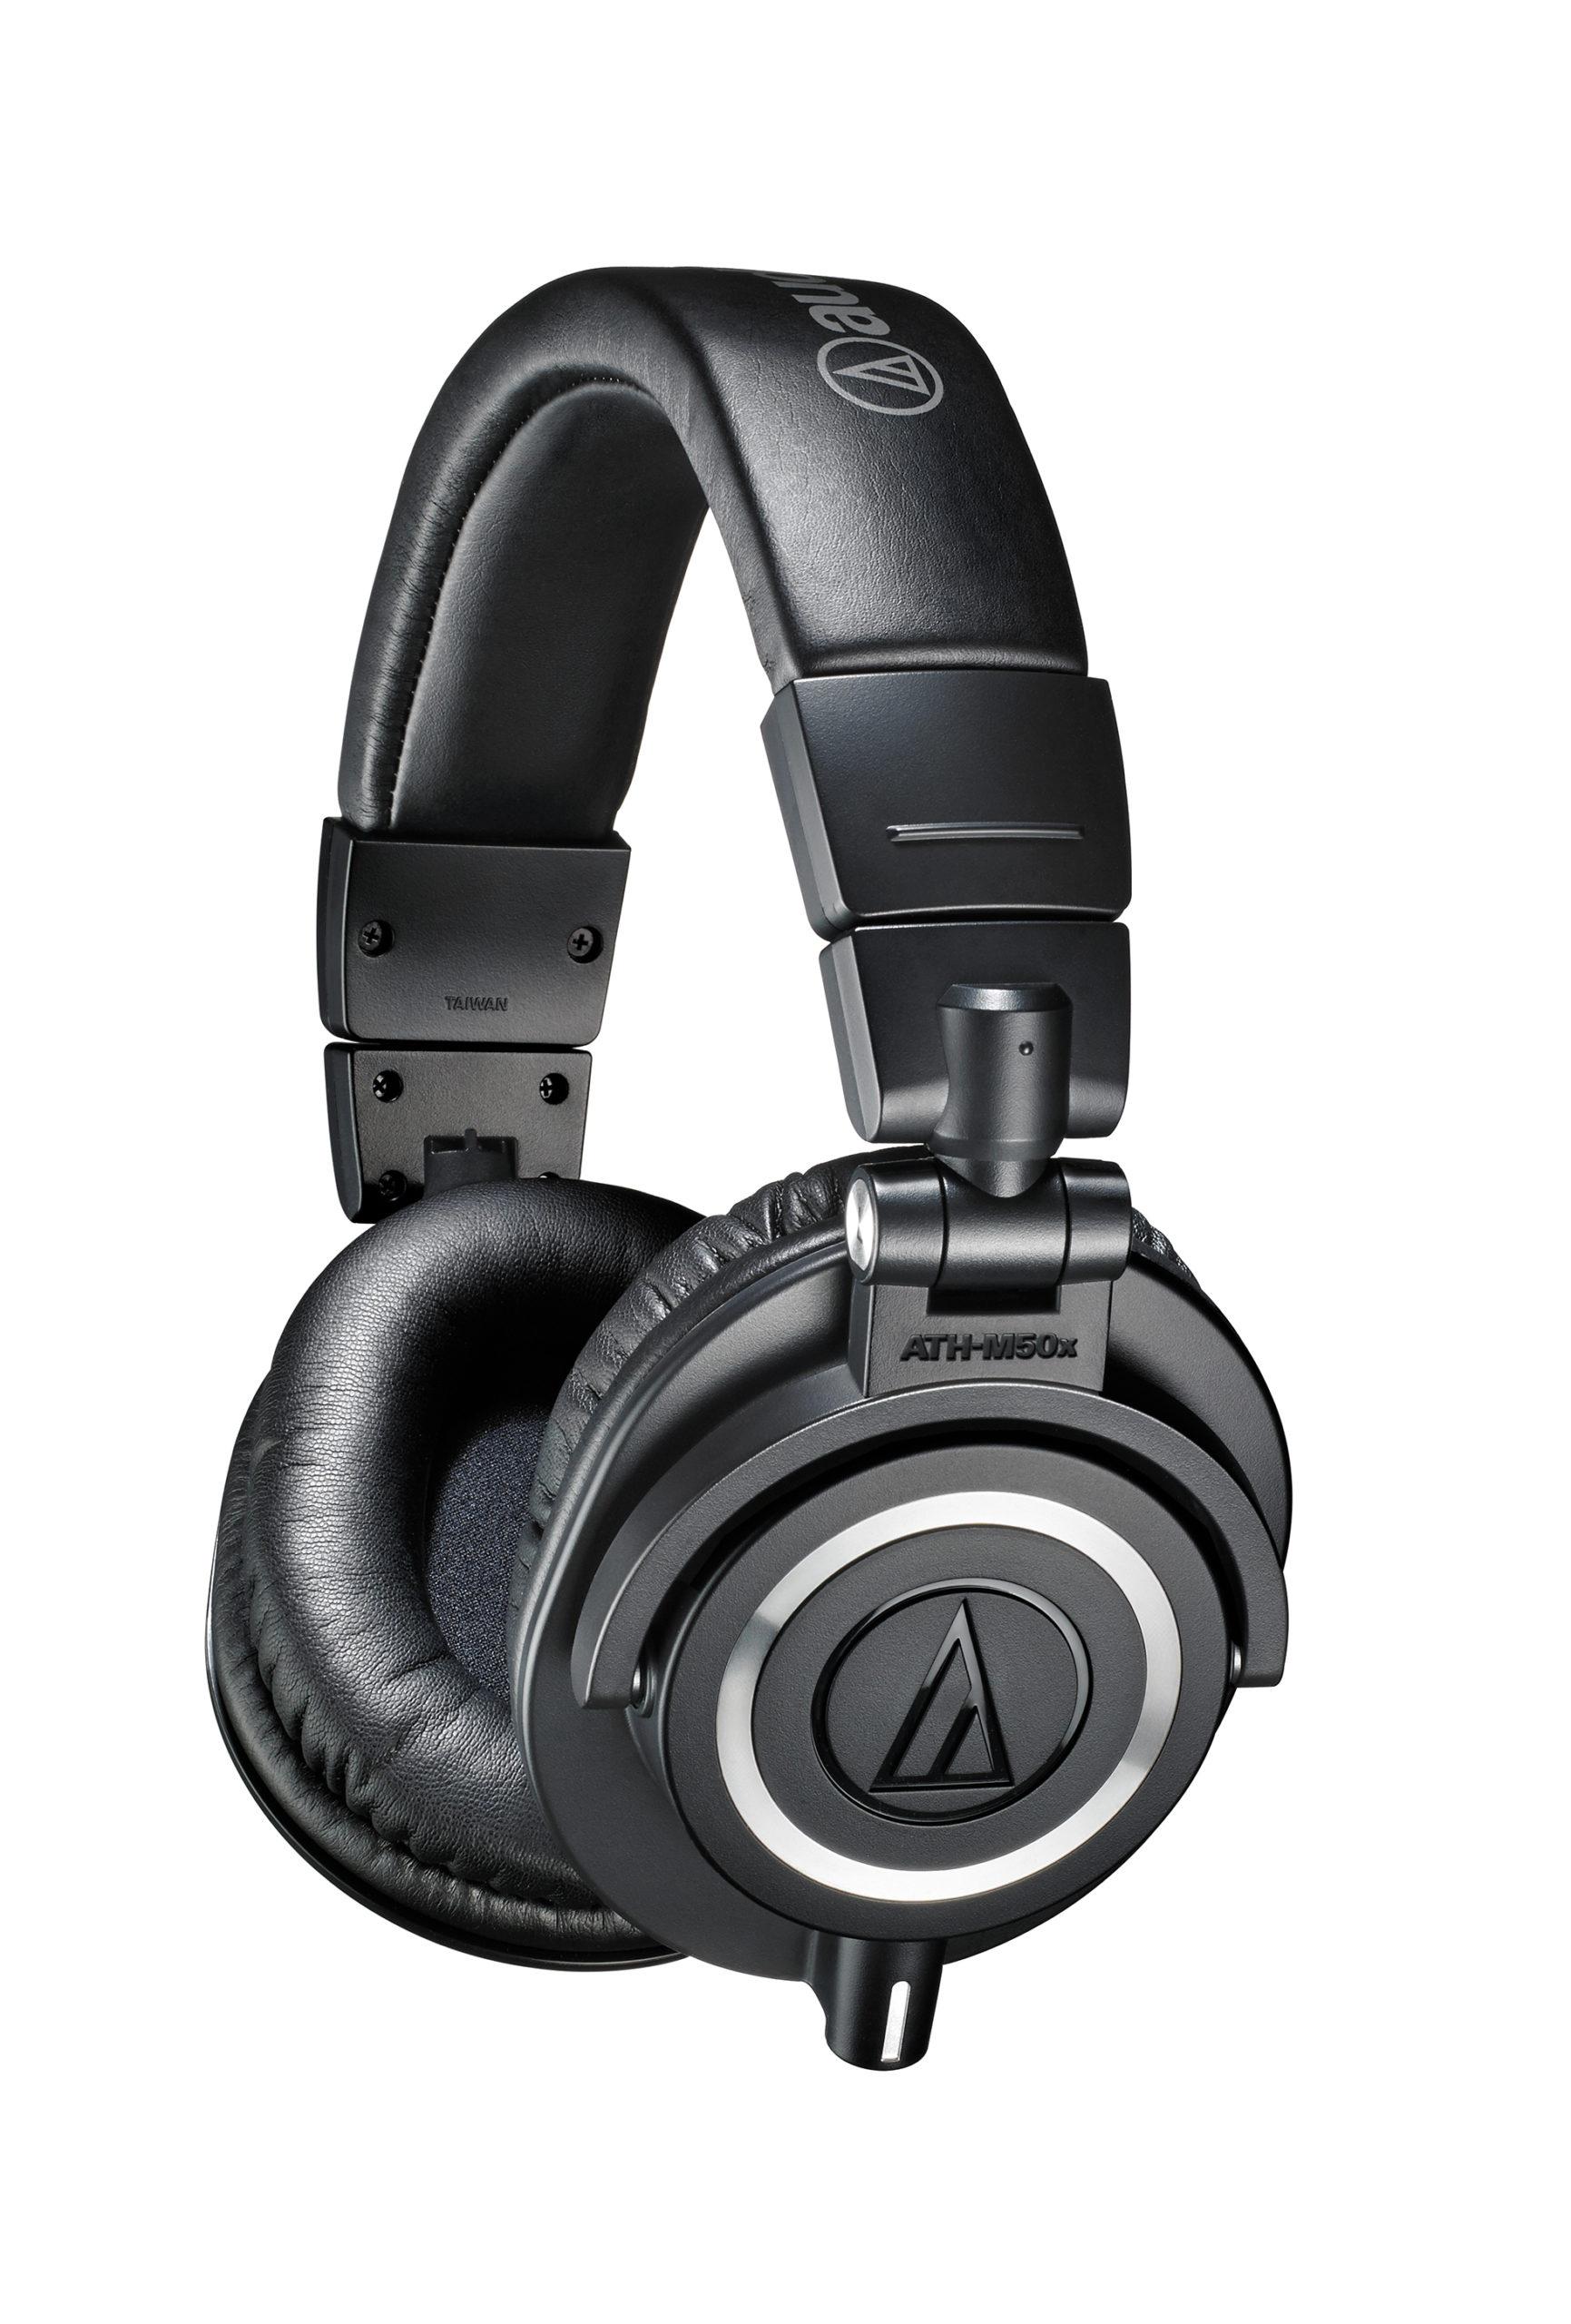 Audio-Technica ATH-M50x Studiomonitorikuulokkeet - mustat.